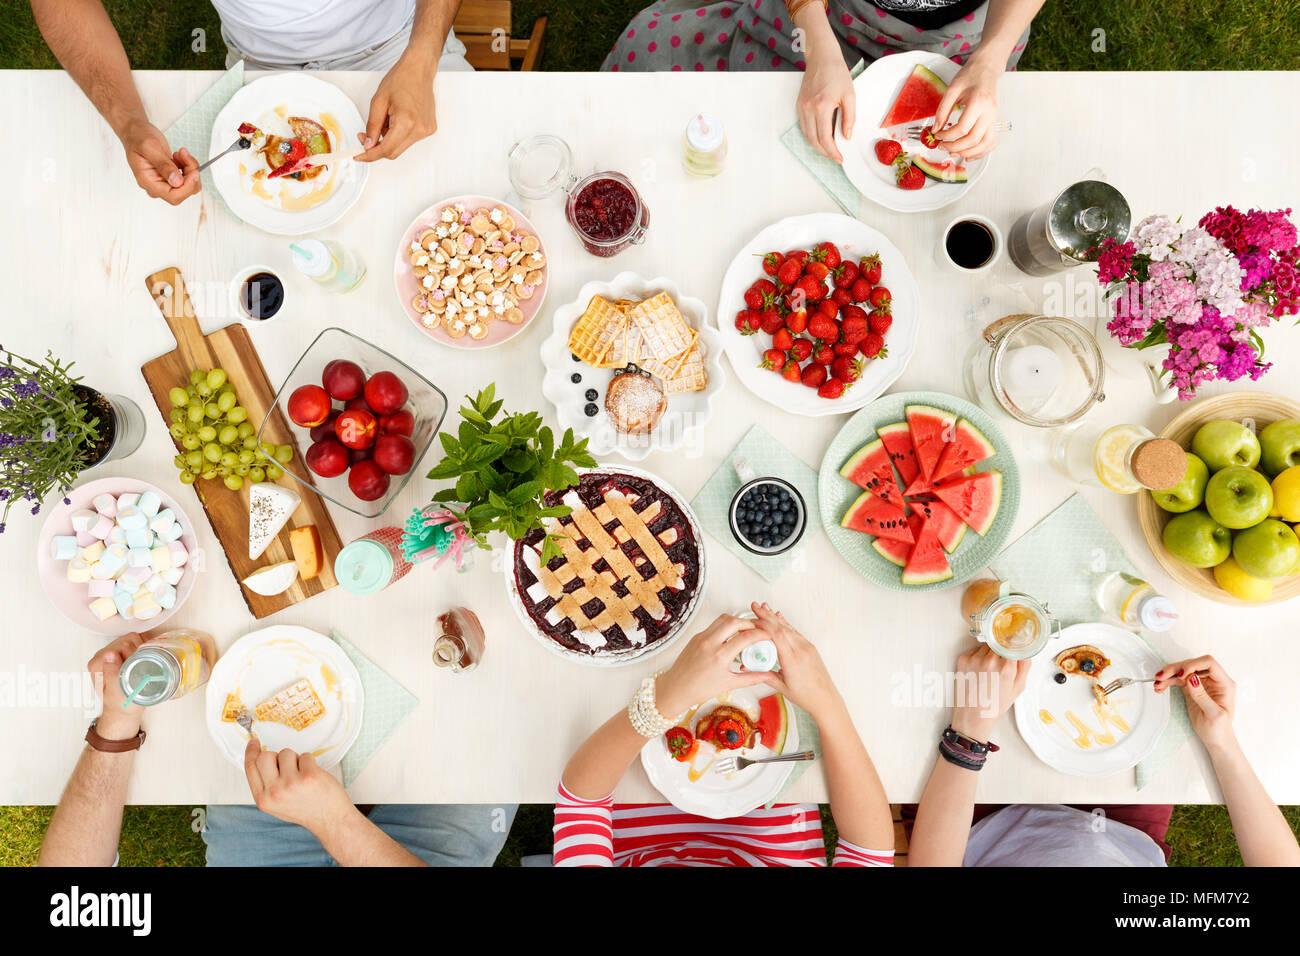 Groupe d'amis de race mixte boire et manger à l'extérieur Photo Stock